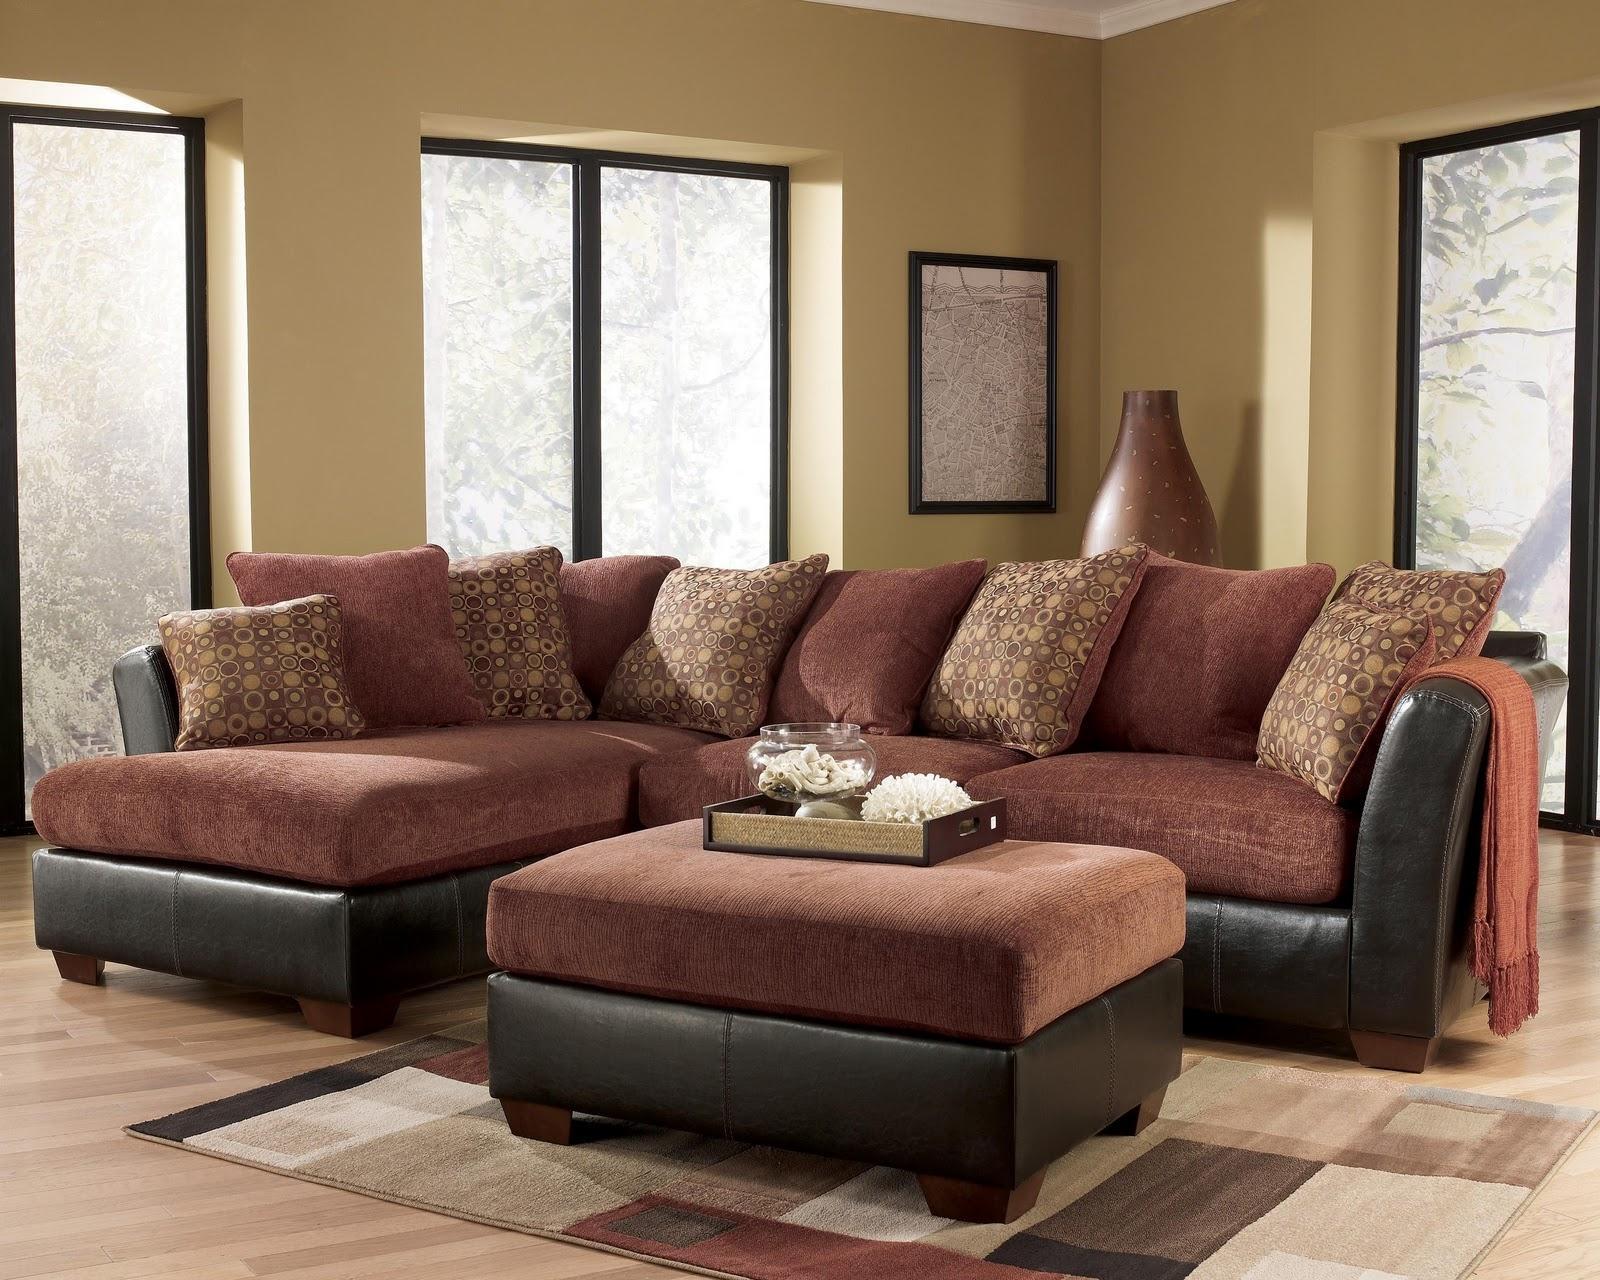 Sofas Center : Singular Ashleyniture Sectional Sofas Photo Ideas Throughout Ashley Furniture Corduroy Sectional Sofas (View 10 of 20)